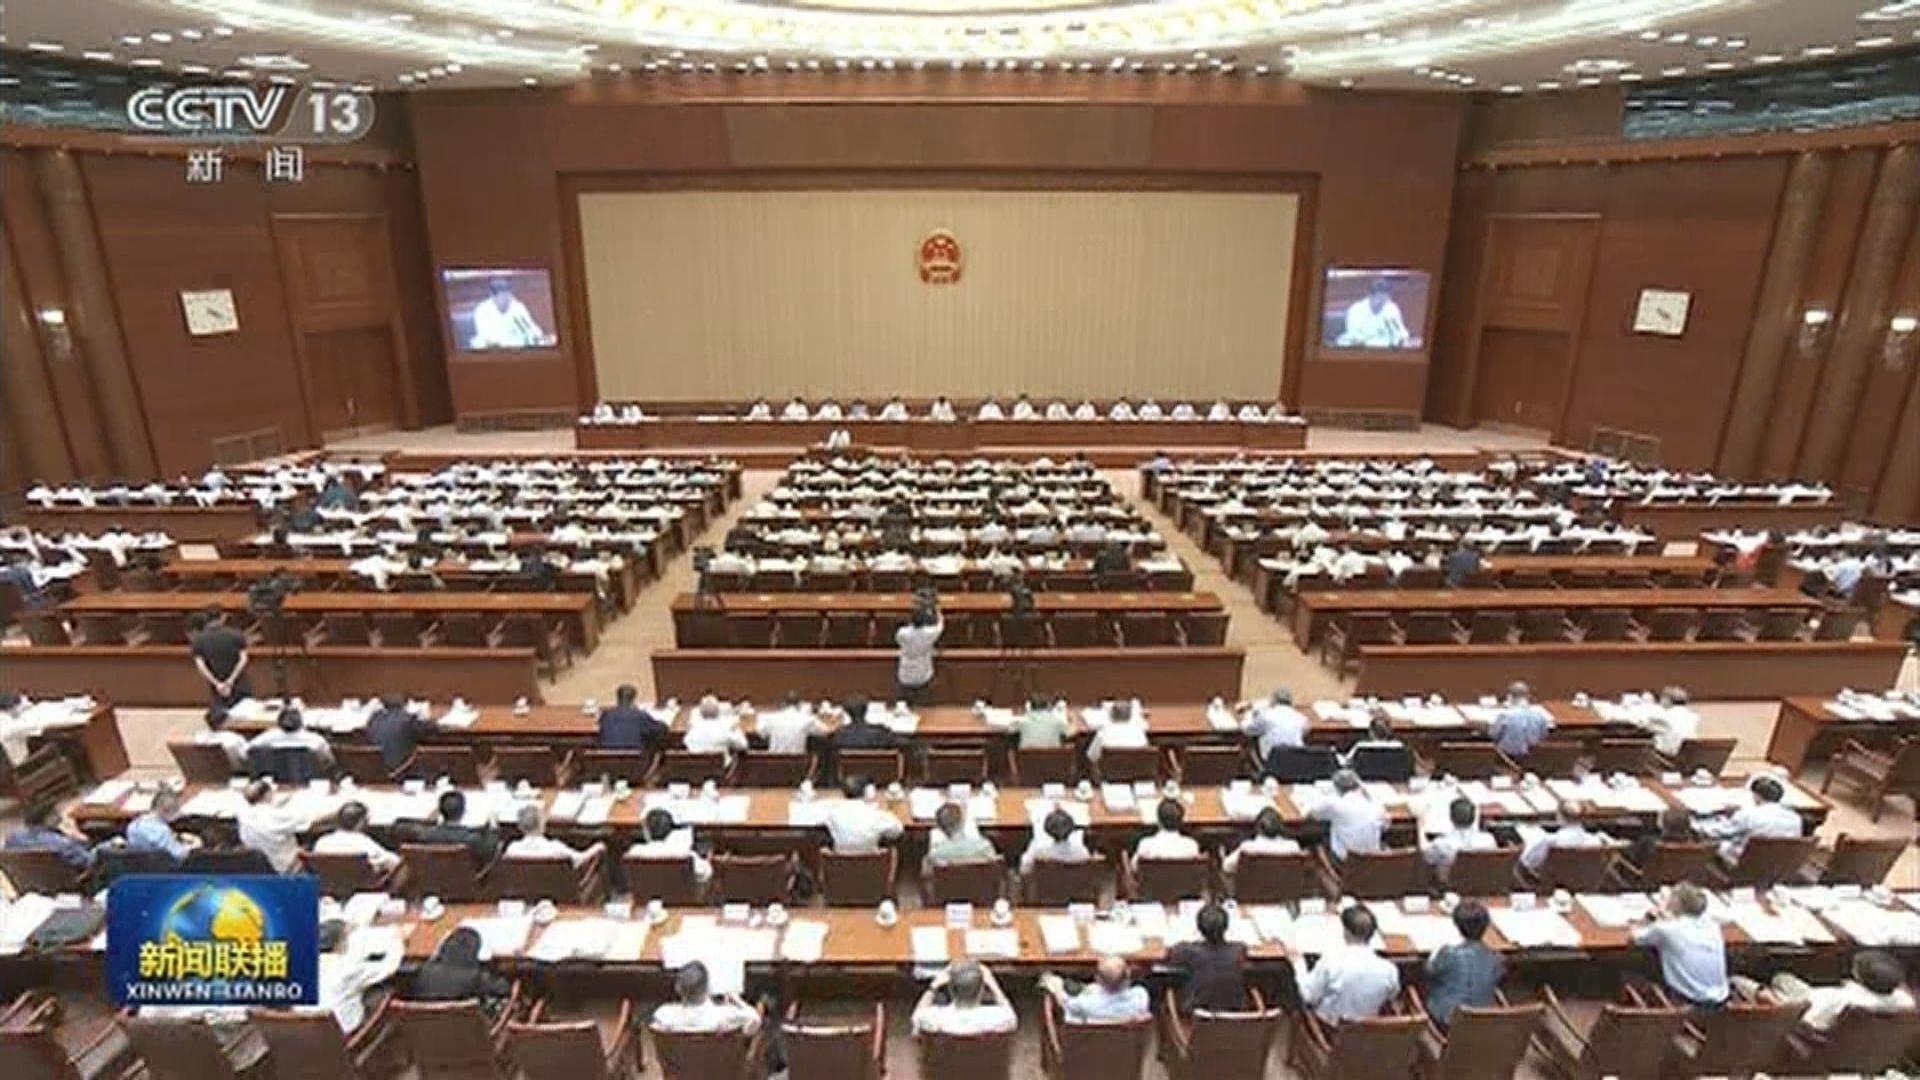 林鄭支持全國人大制訂反外國制裁法 指是「其人之道還治其人之身」